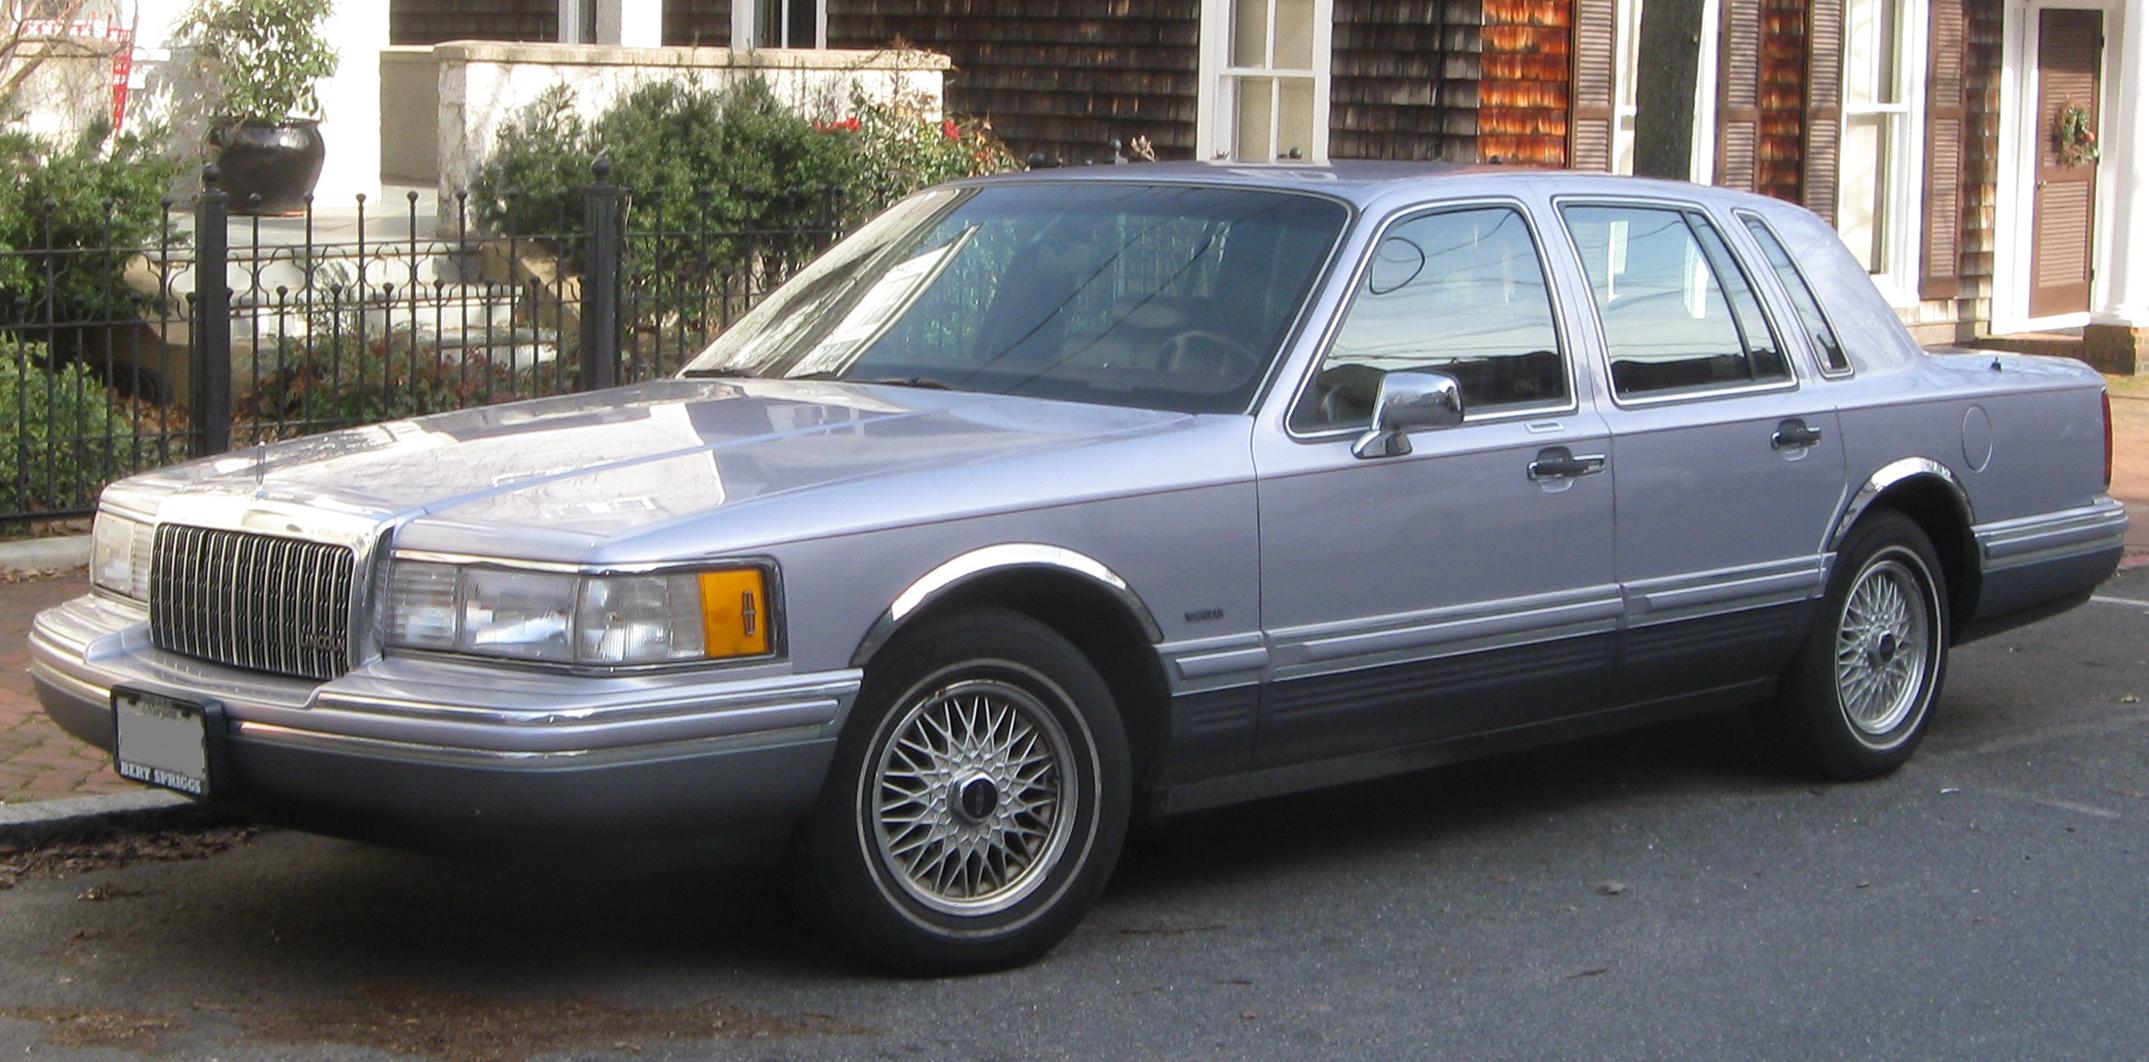 1992 Lincoln Town Car #3 Lincoln Town Car #3